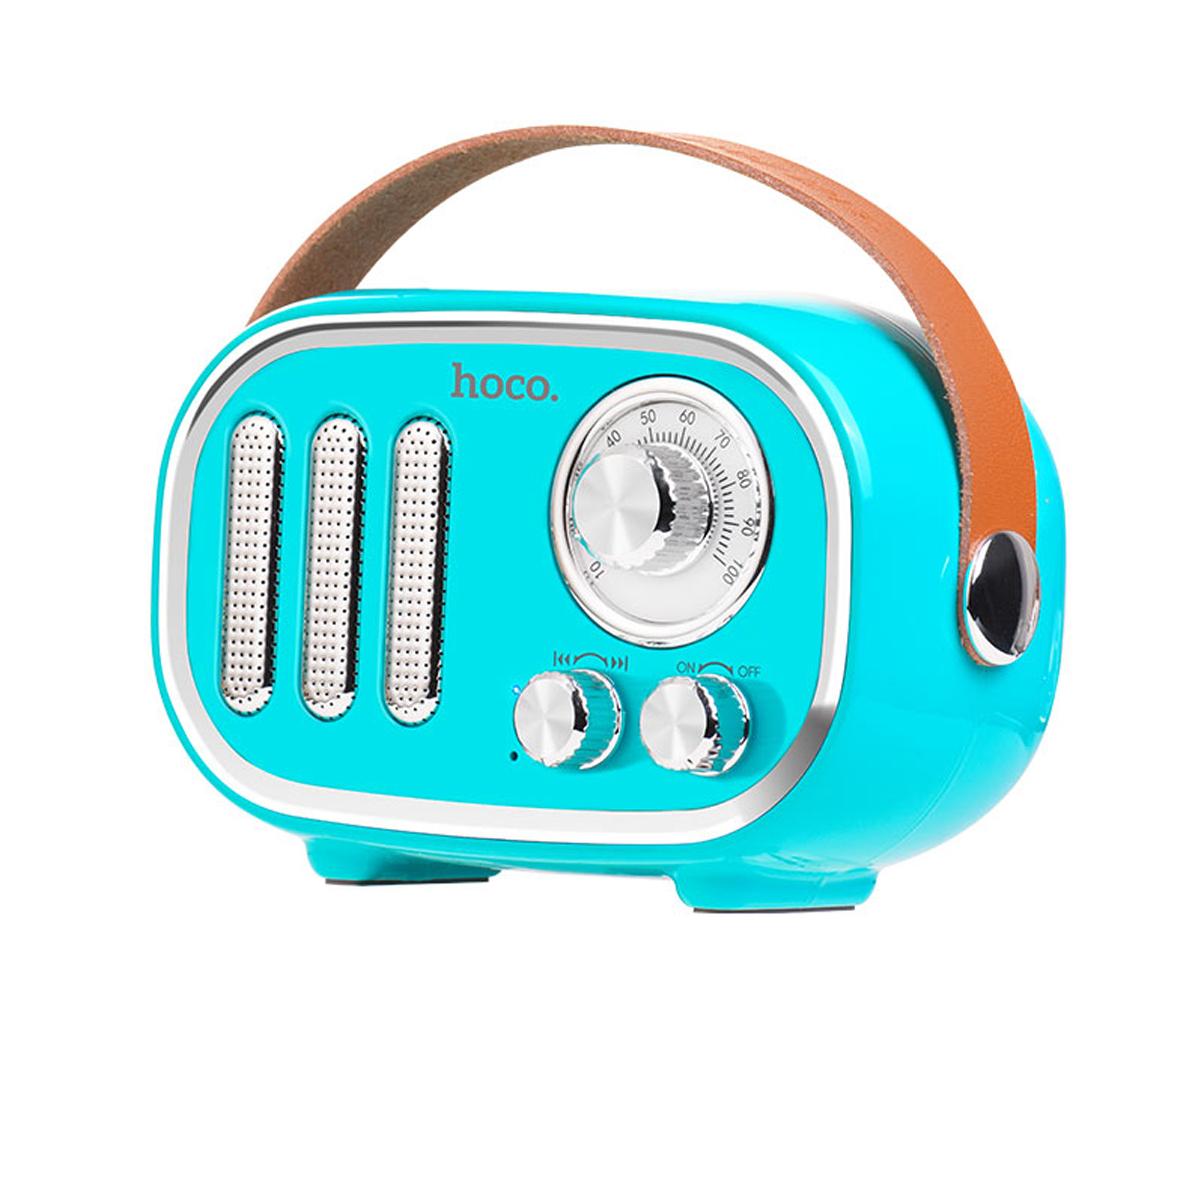 Loa Nghe Nhạc Bluetooth V4.2 BS16 Hoco -Tặng Giá Đỡ Điện Thoại-Hàng Chính Hãng